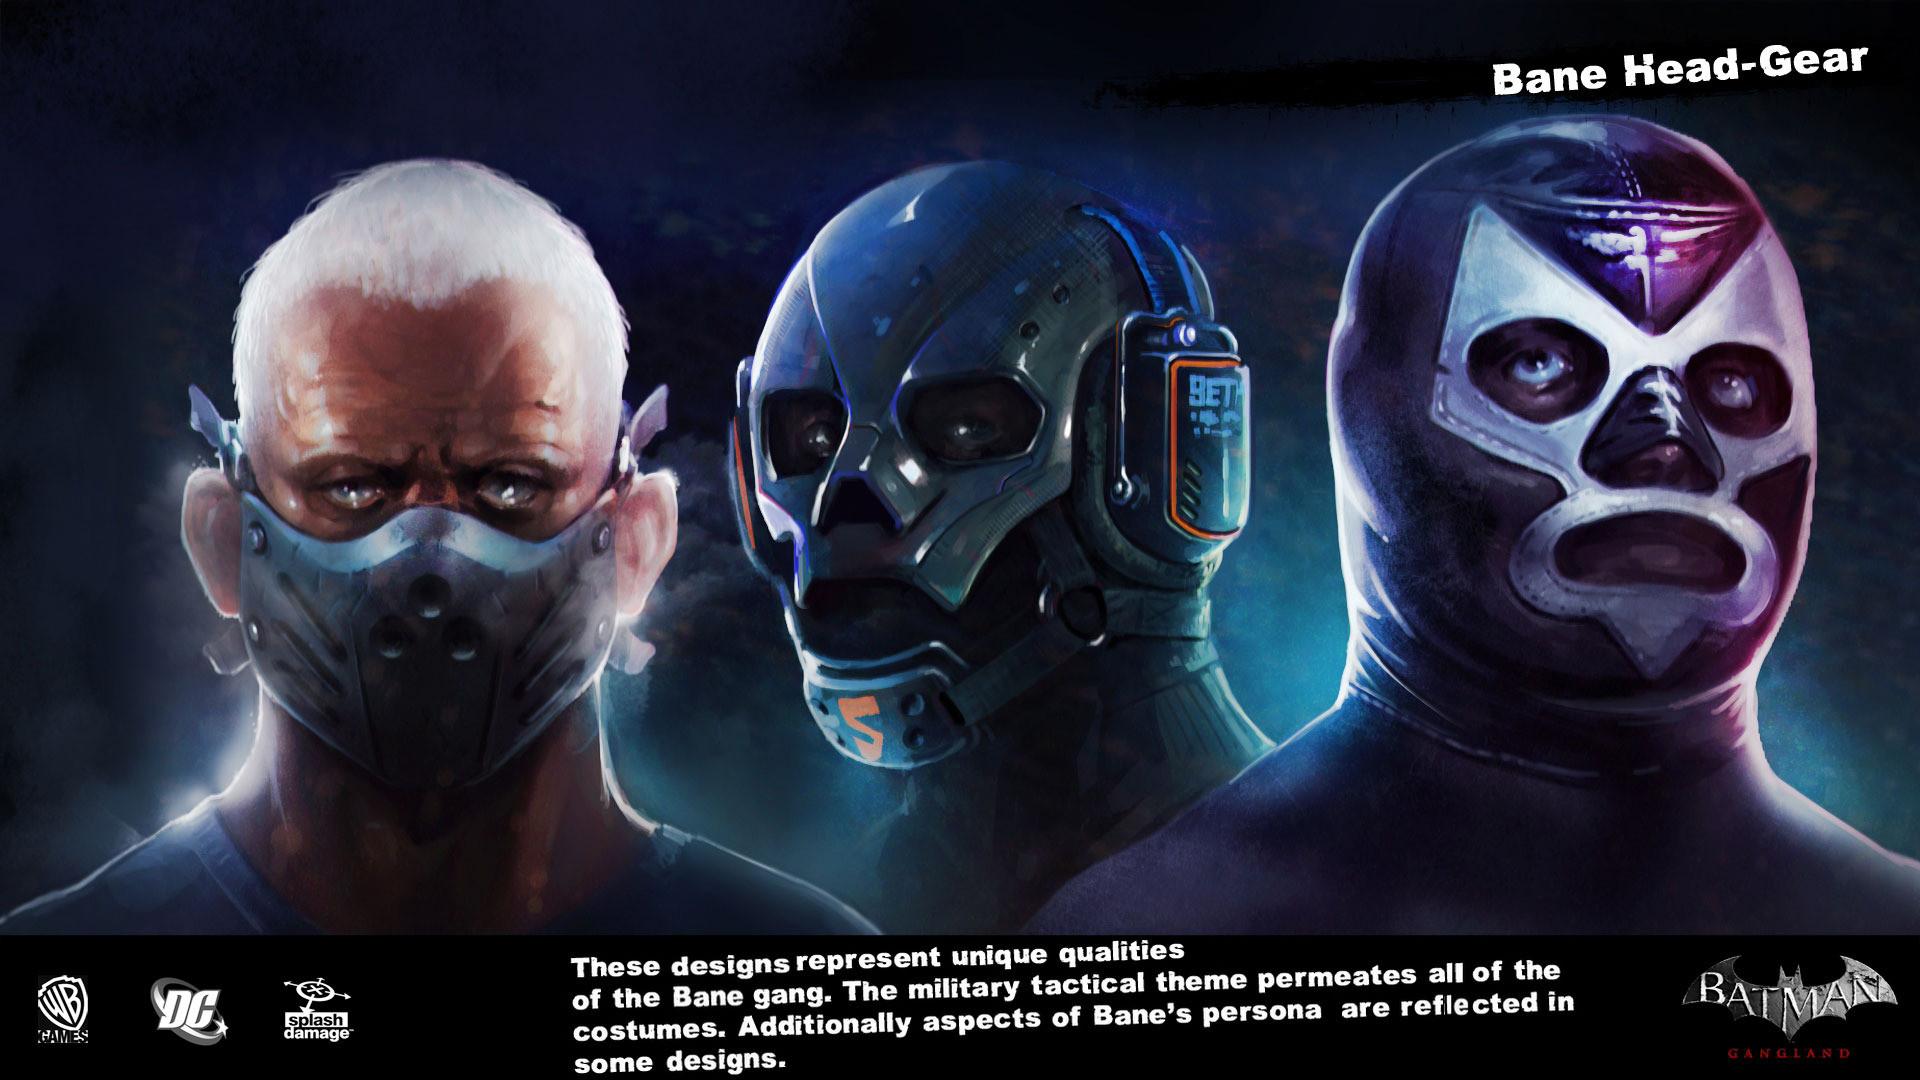 Batman arkham origins concept arts du gang de bane dcplanet on retrouve galement quelques concept arts de bane dans le mode campagne du jeu qui peuvent vous spoiler si vous ntes pas arrivs jusquau bout de voltagebd Gallery